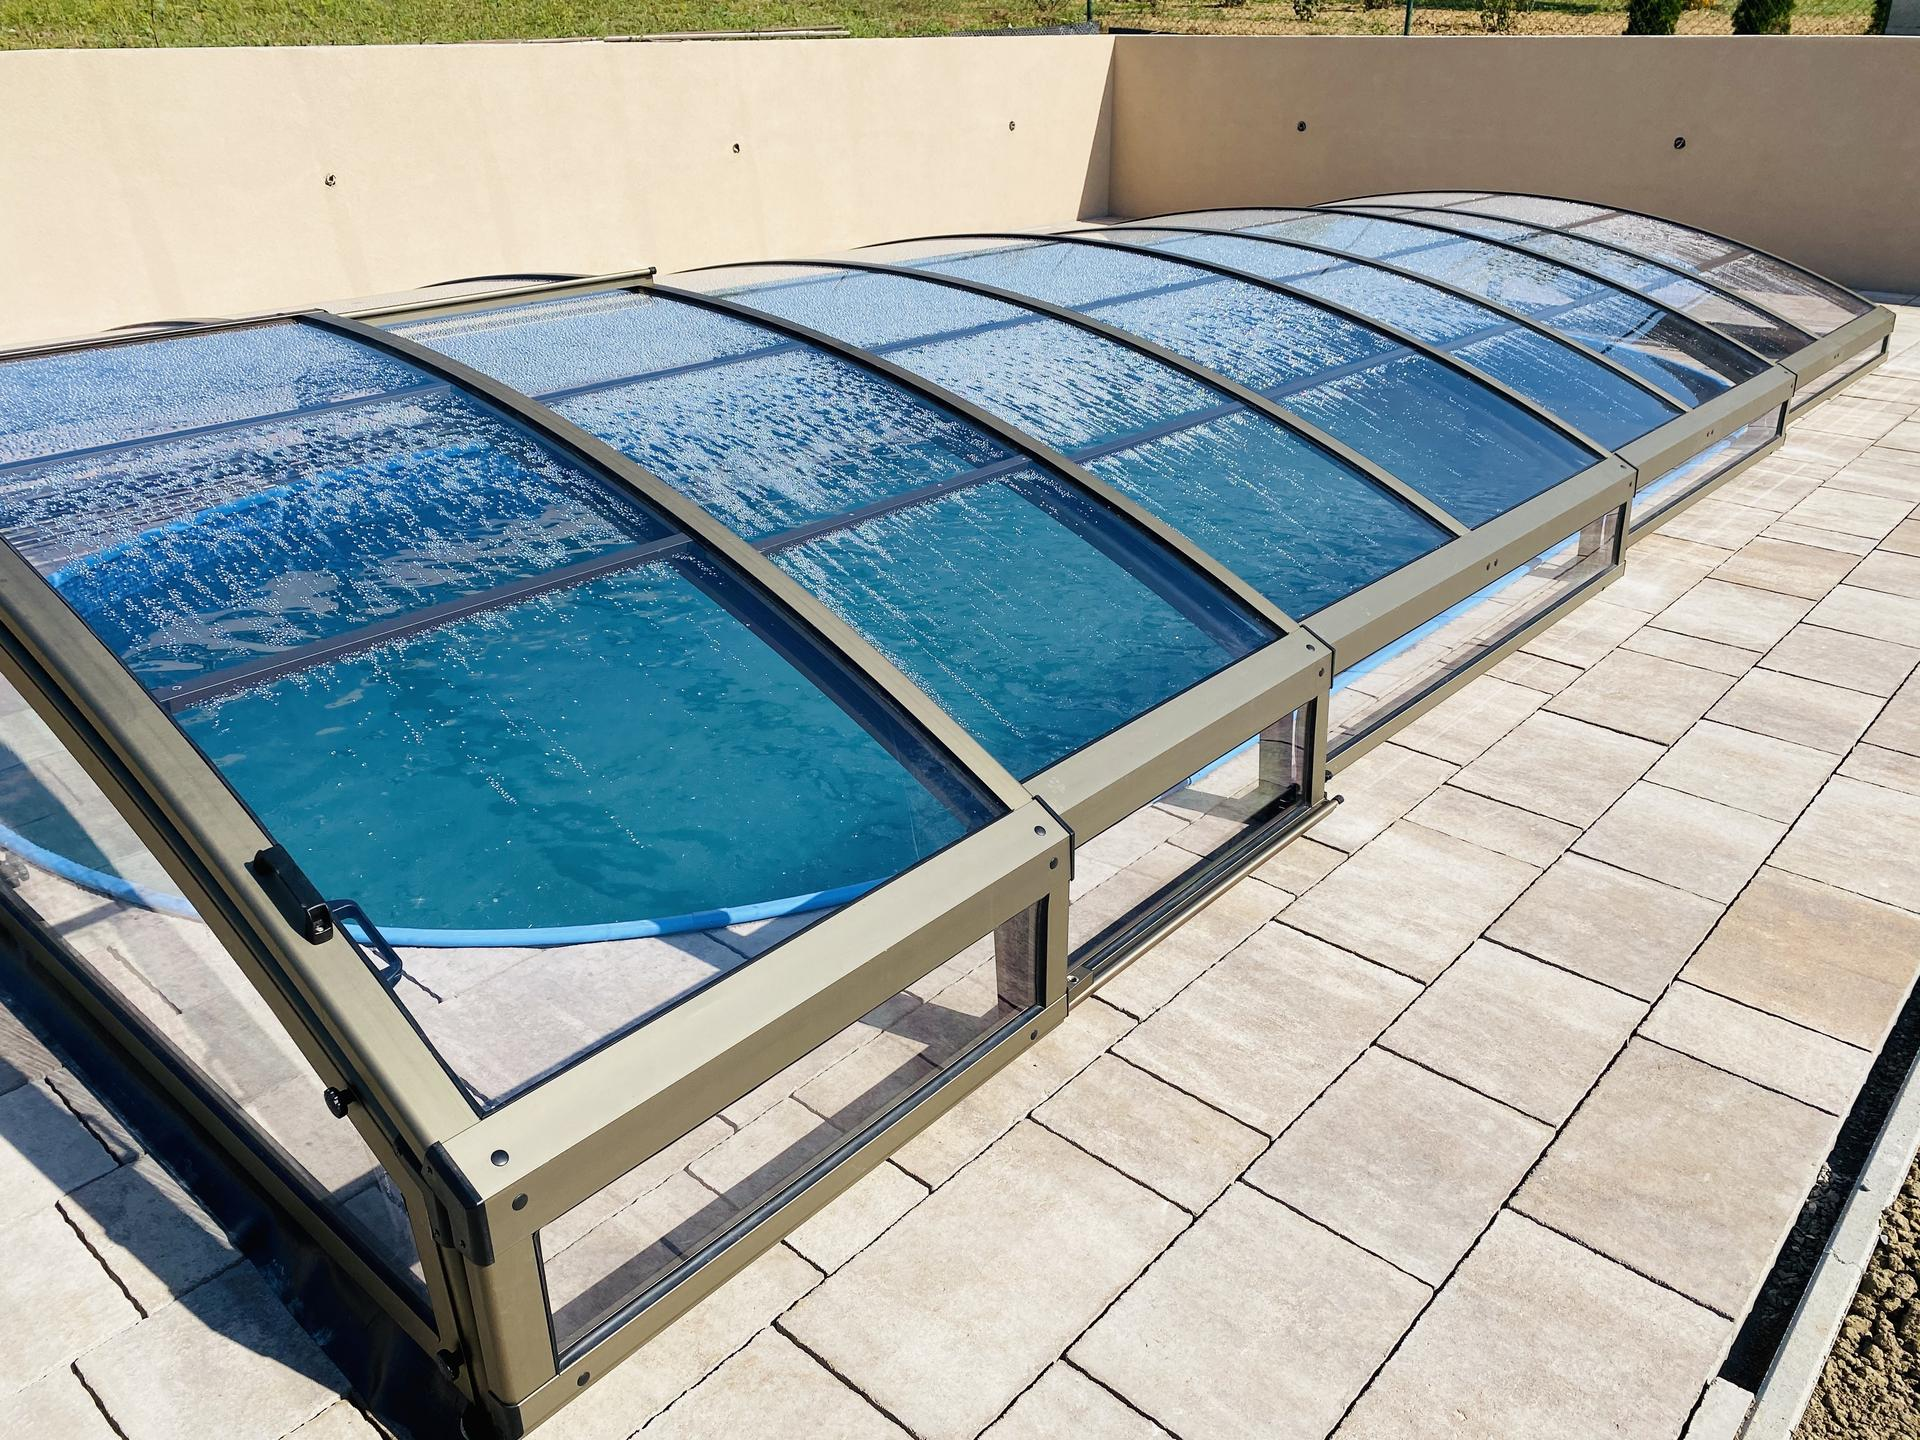 Realizácia bazénu Ibiza Family a zastresenie - Obrázok č. 29